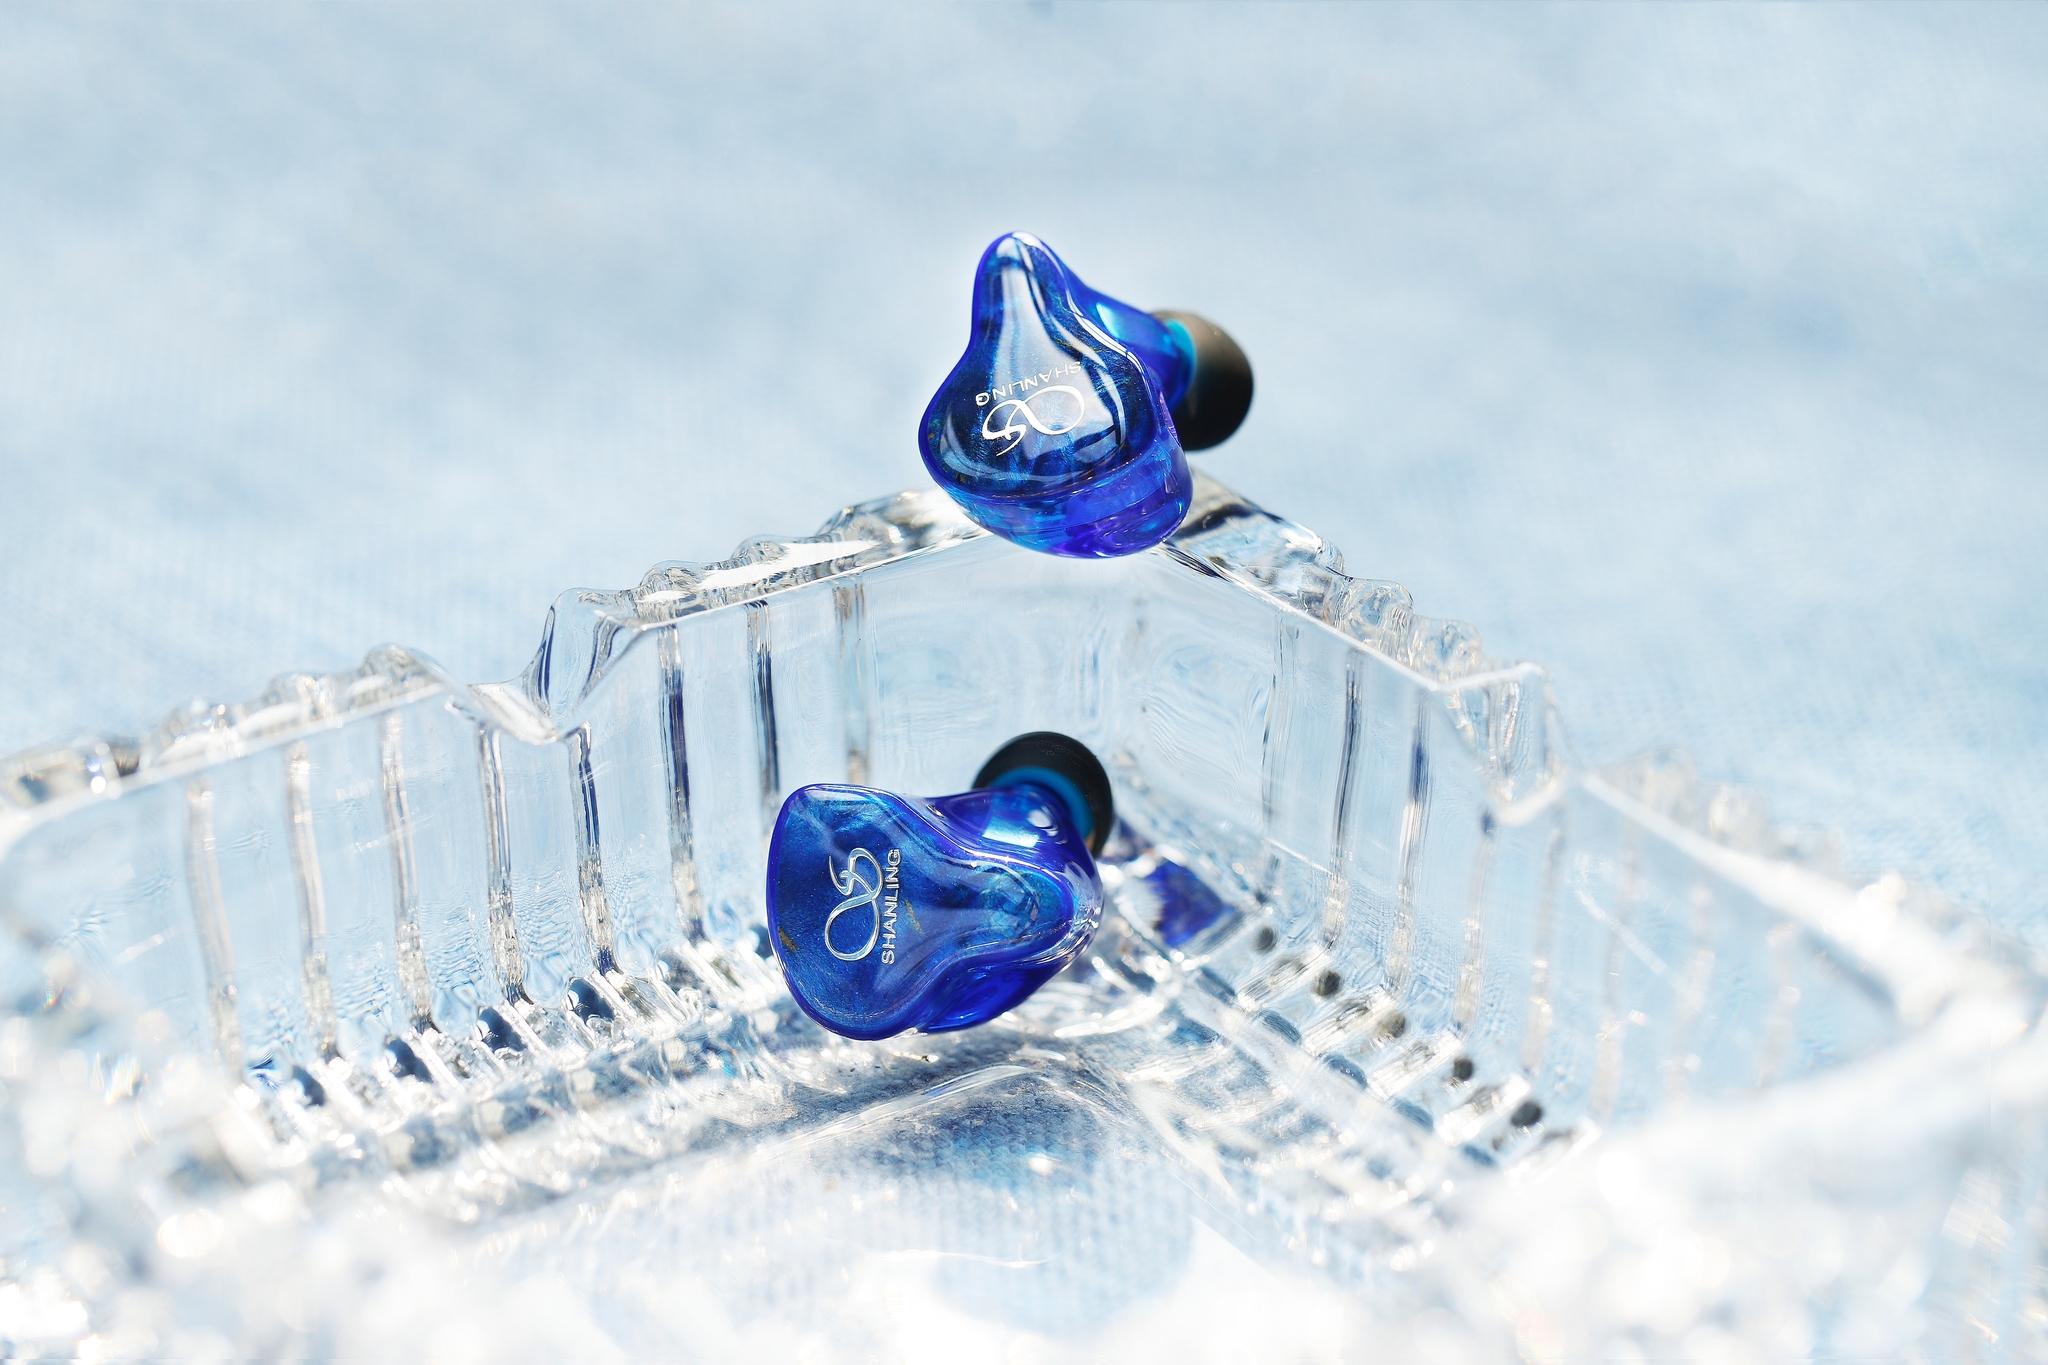 Shanling AE3 blue